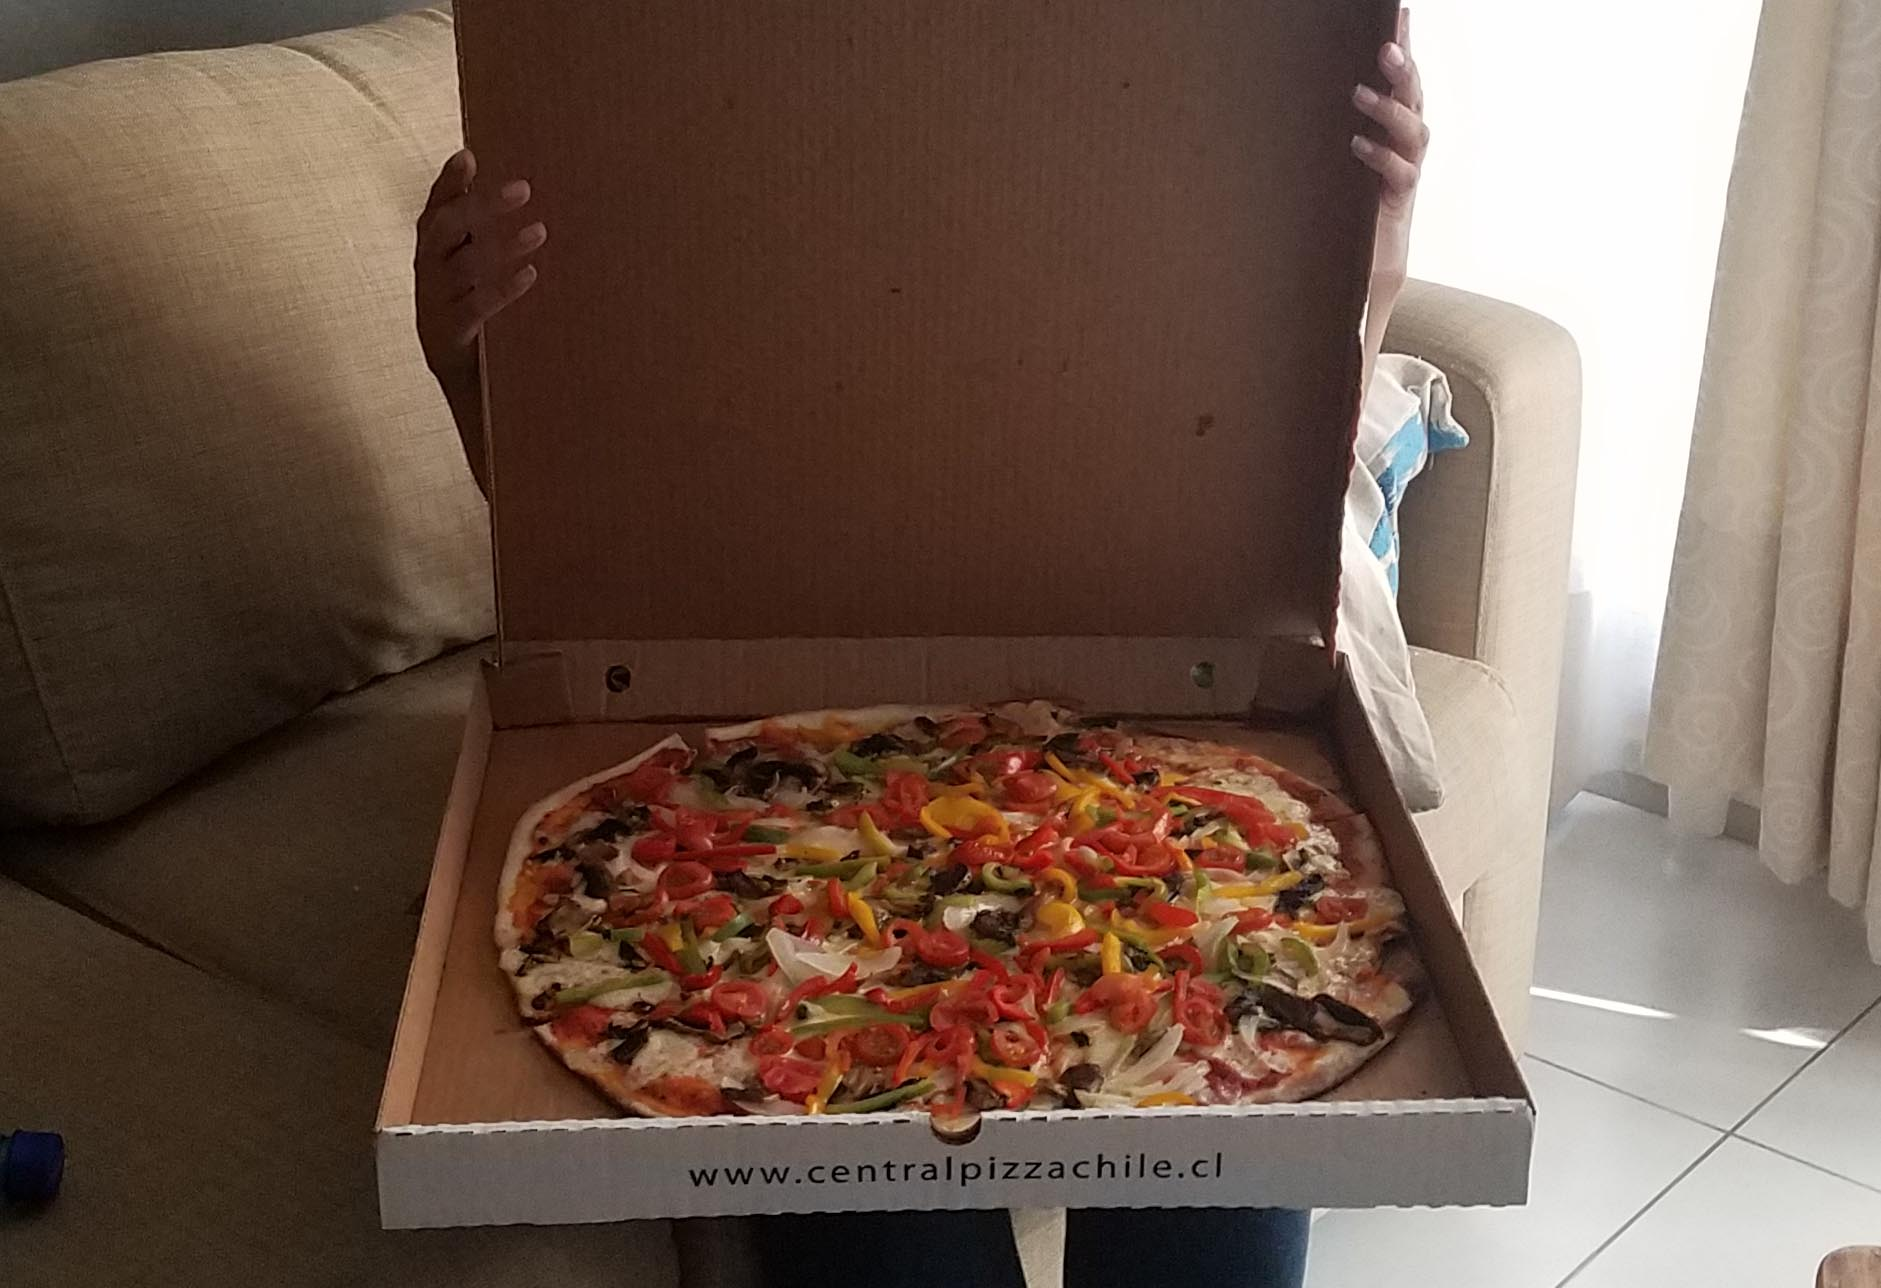 pizzachile_1